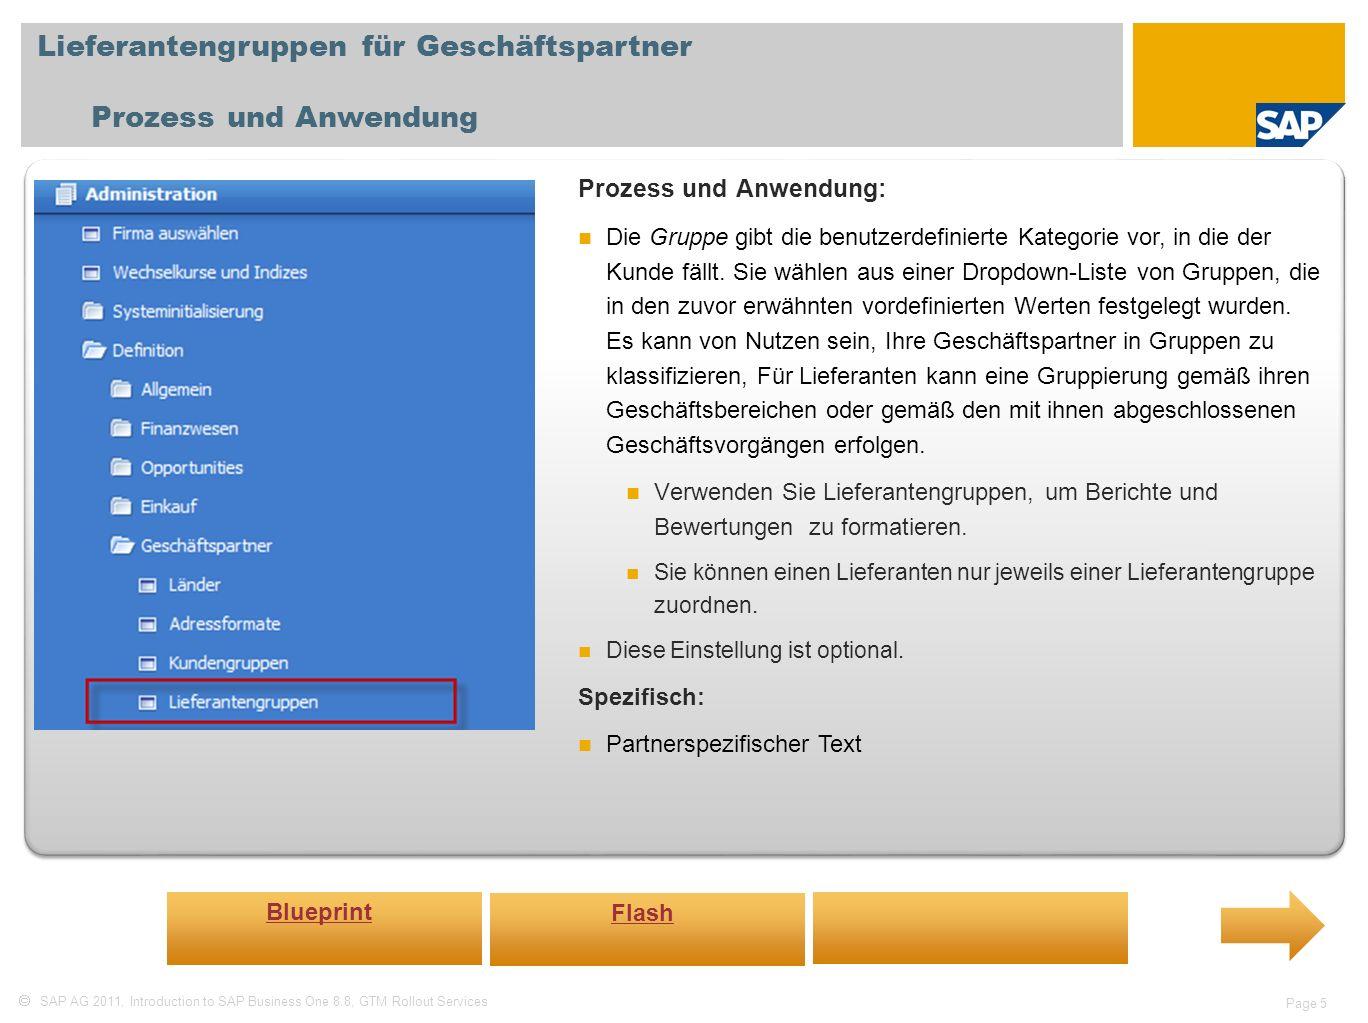 Lieferantengruppen für Geschäftspartner Prozess und Anwendung